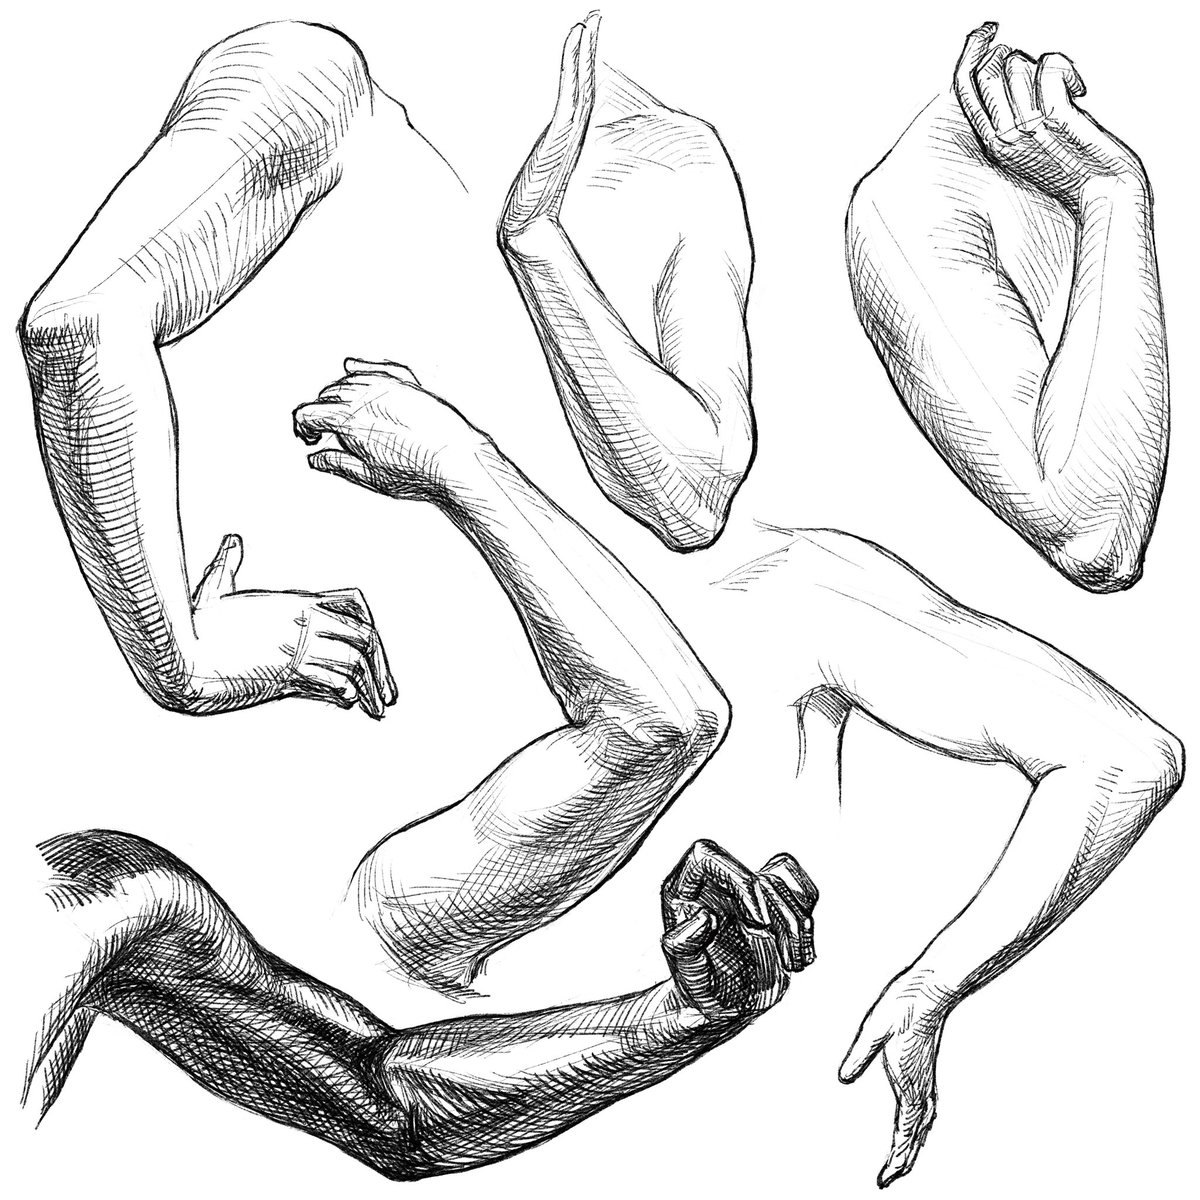 腕を曲げたときの三角形の空間。肘の頂点から引いた補助線は、肩〜手首間の二等分線。